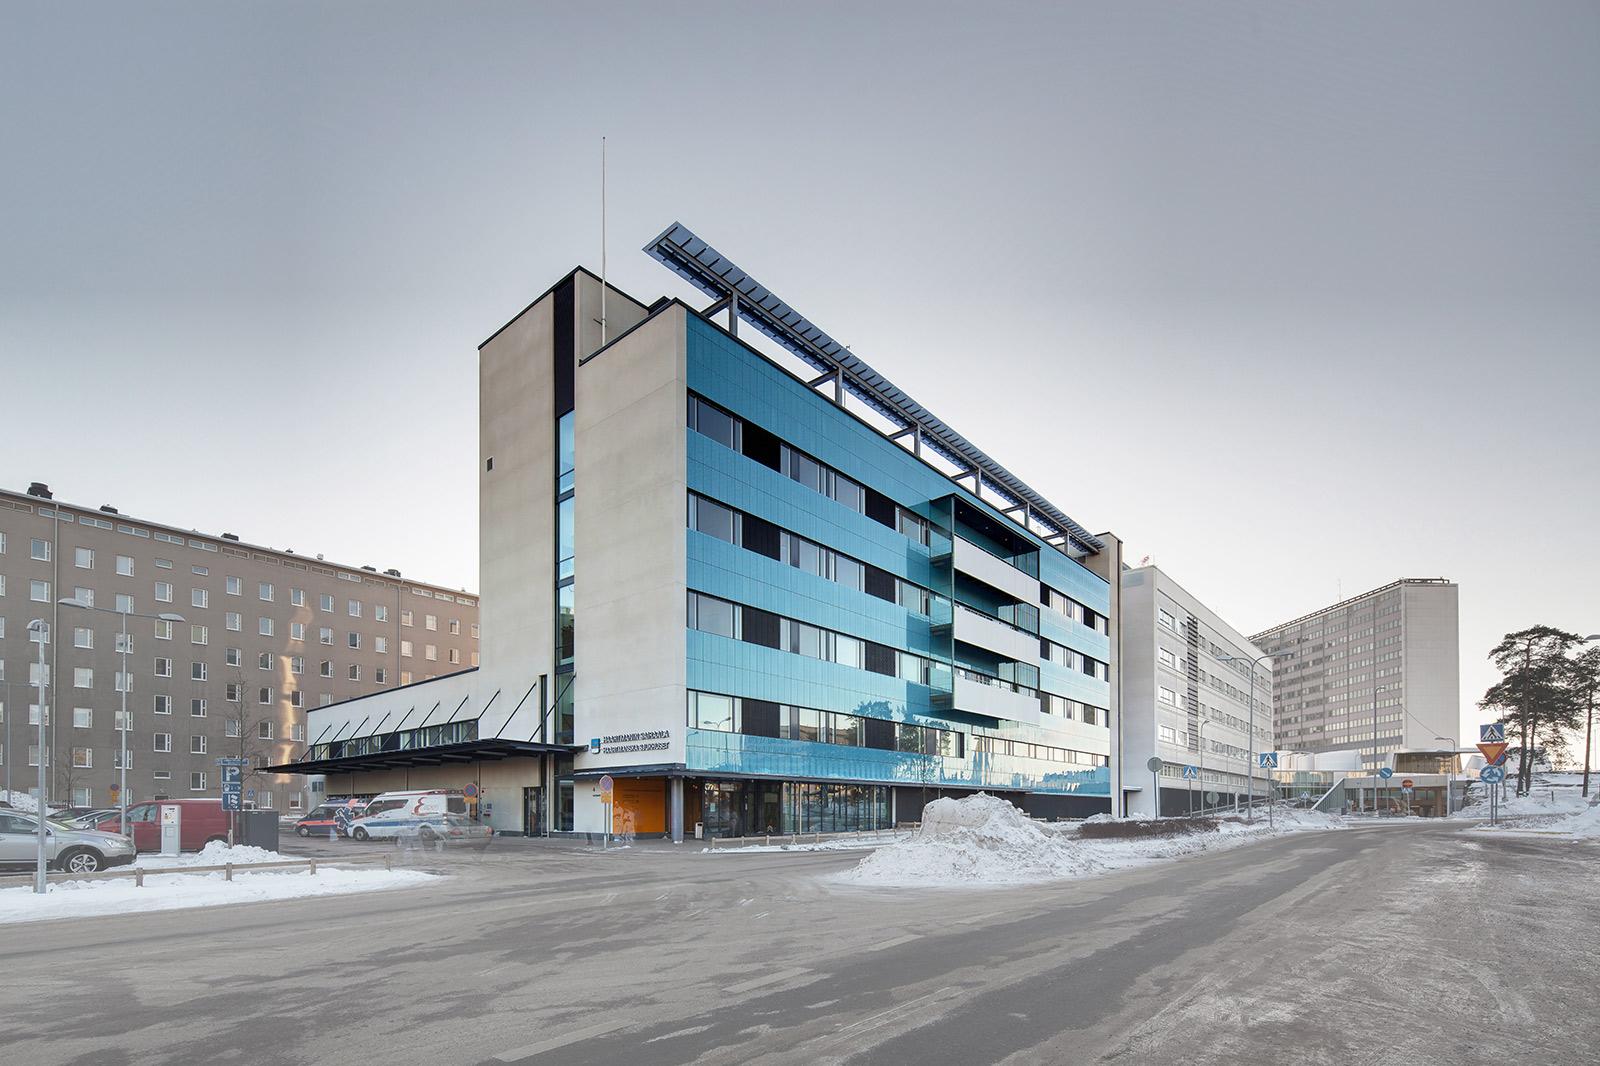 haartmanin sairaala osasto 6 Ikaalinen